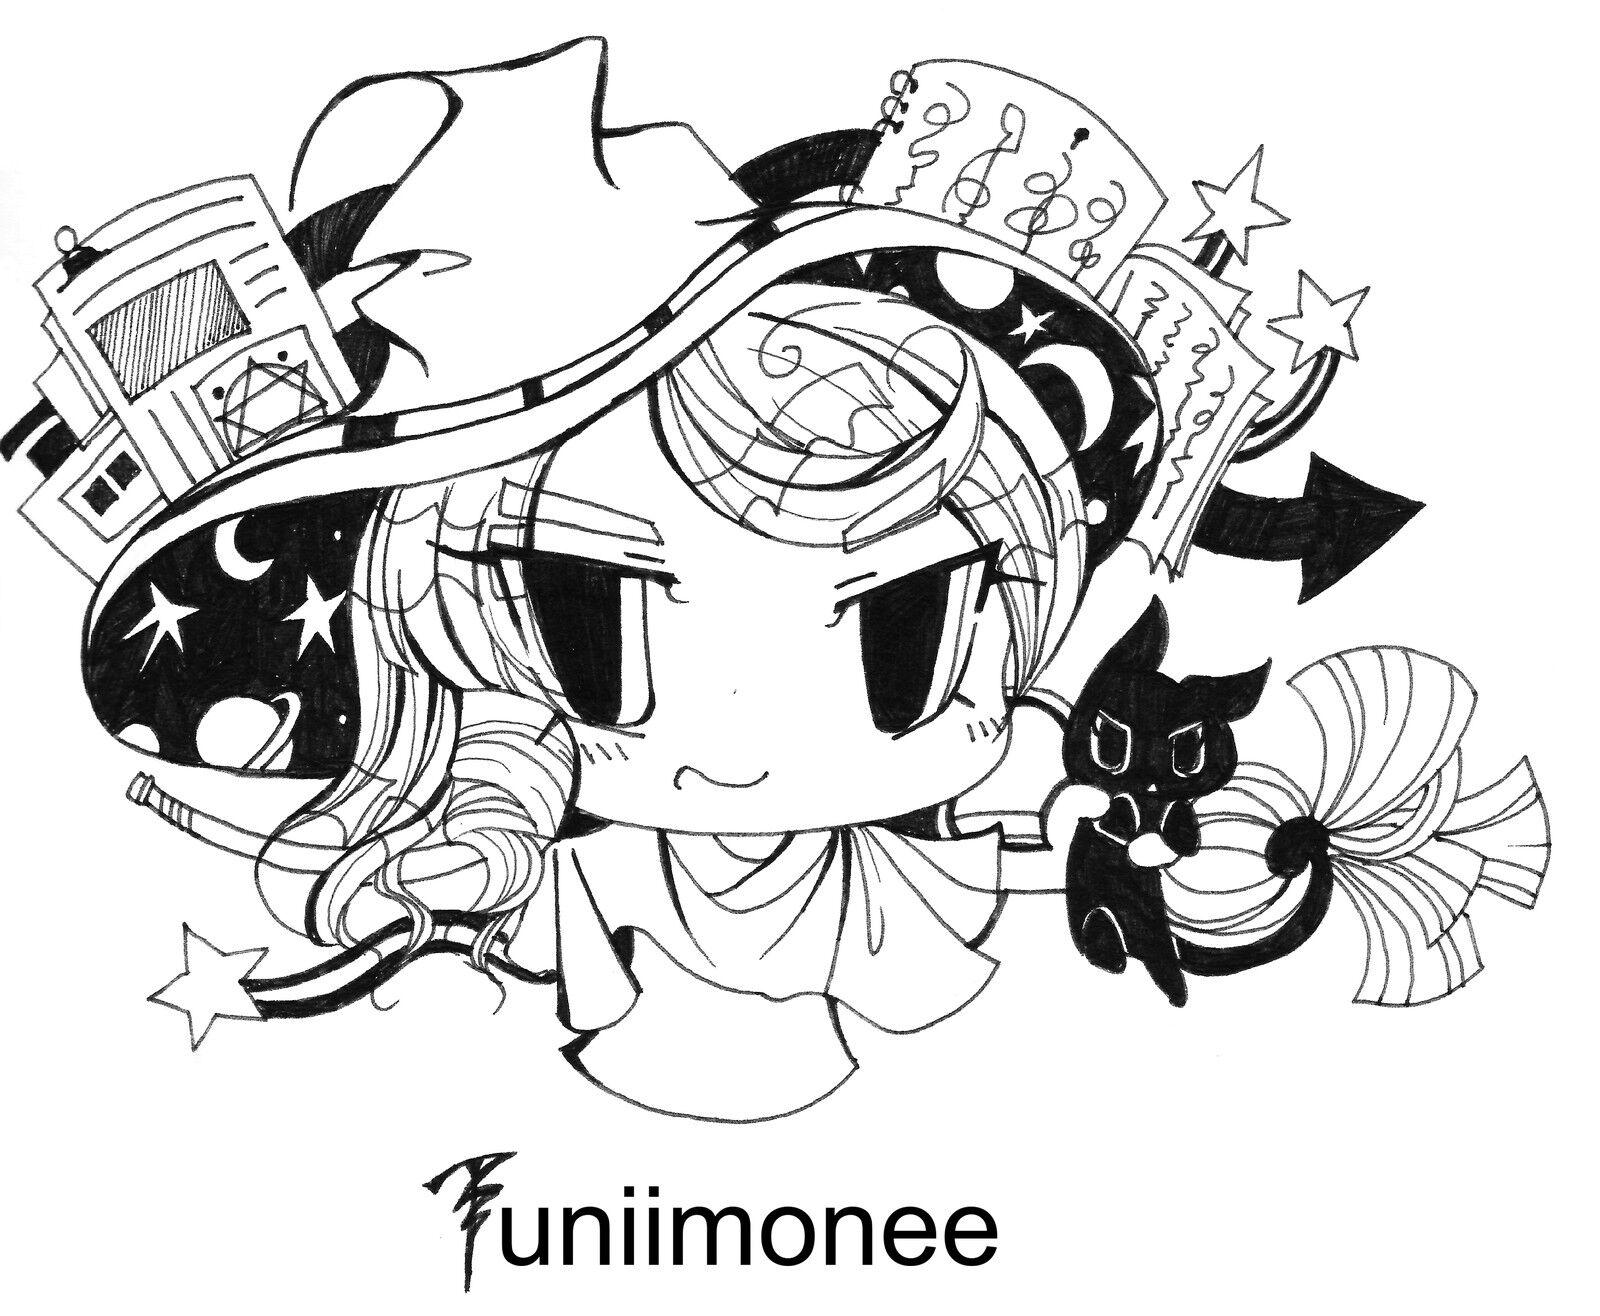 Funiimonee